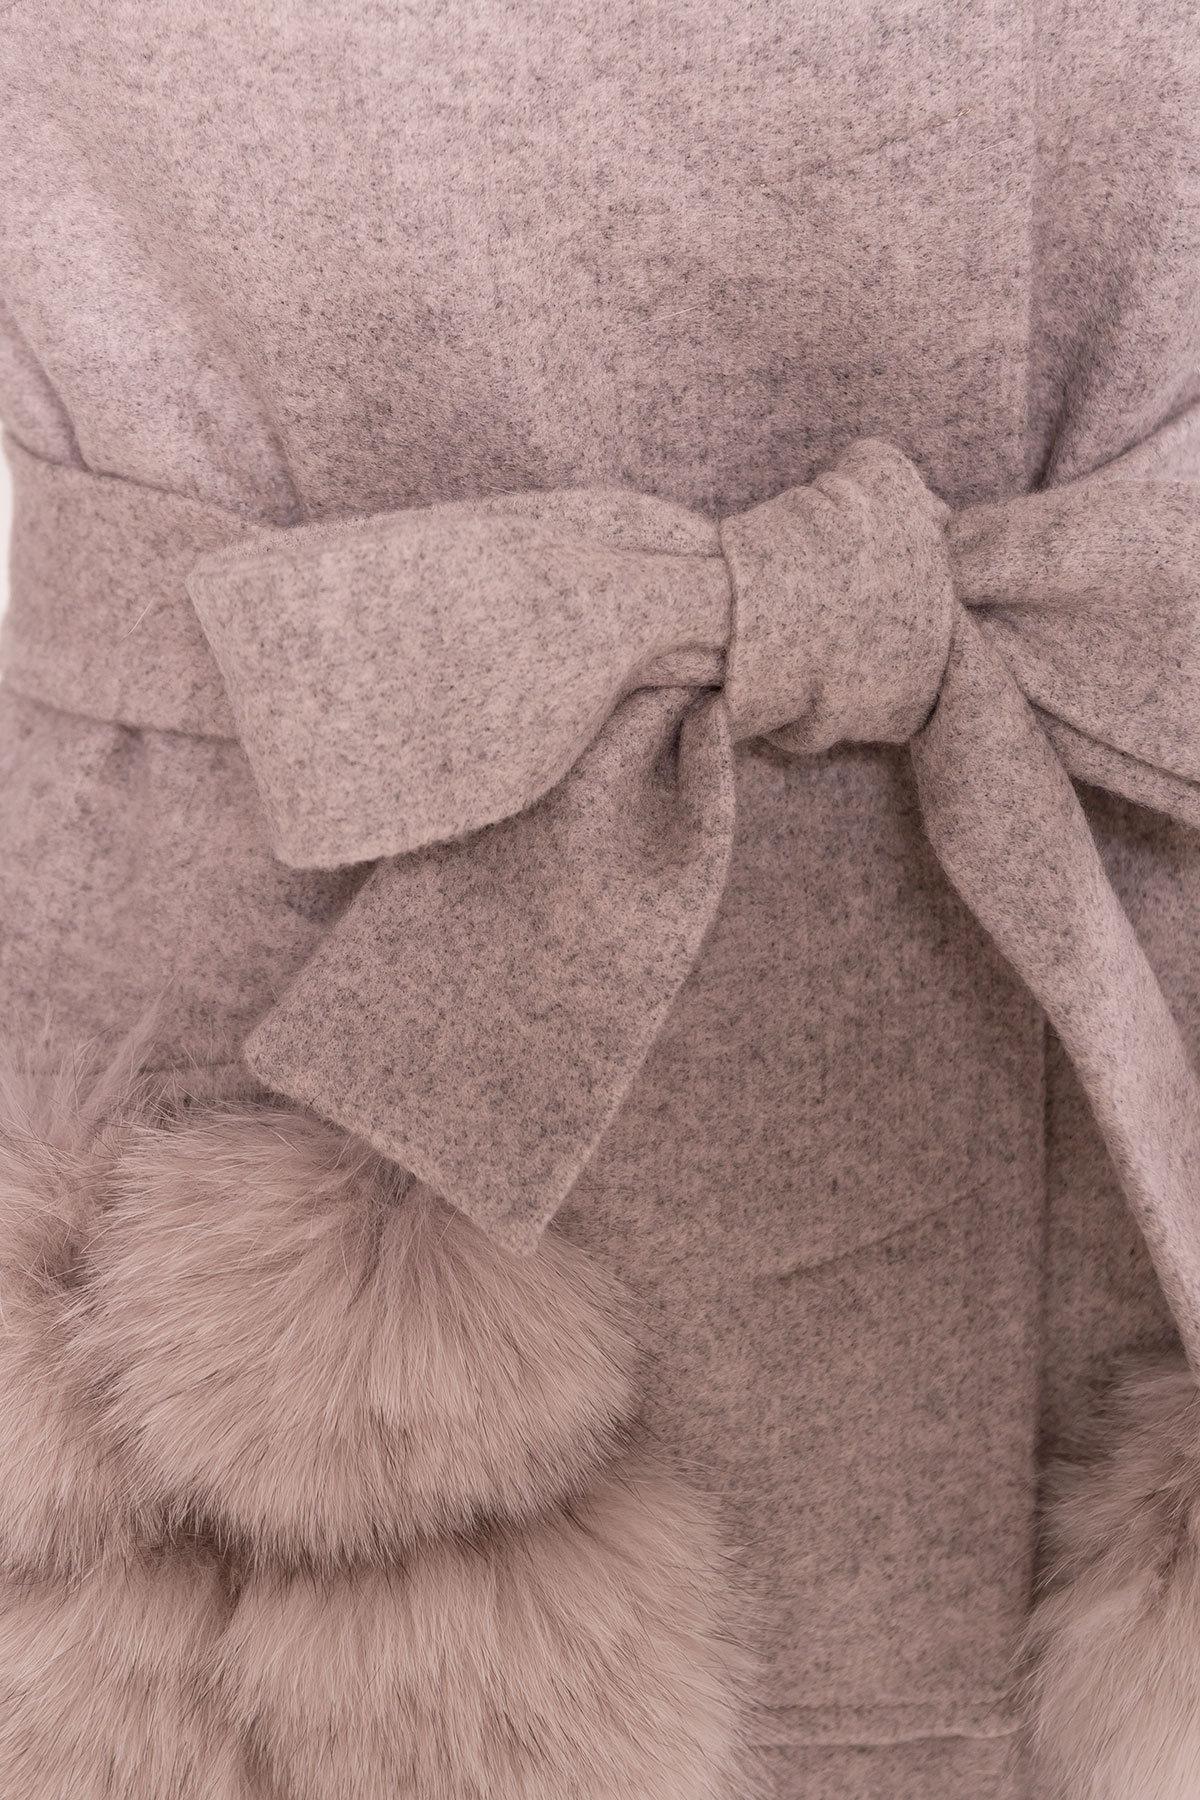 Пальто зима  Анита 4120 АРТ. 38129 Цвет: Бежевый 31 - фото 6, интернет магазин tm-modus.ru